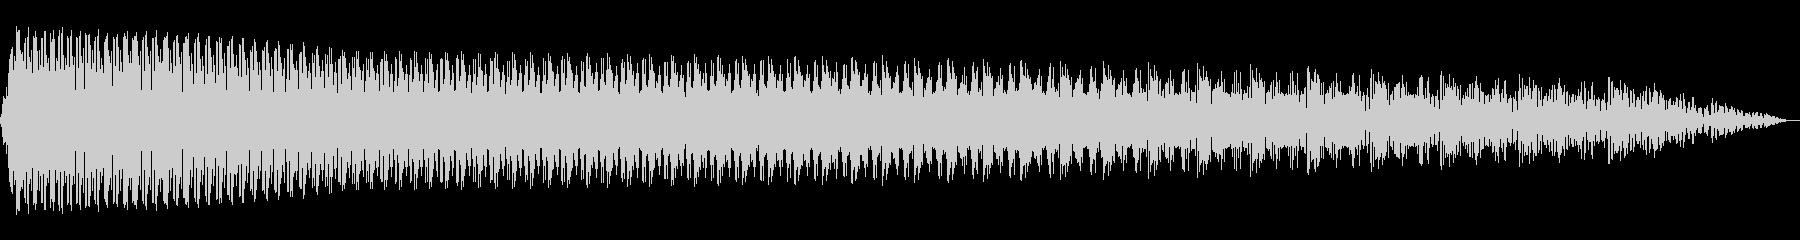 電動スワイプ4の未再生の波形